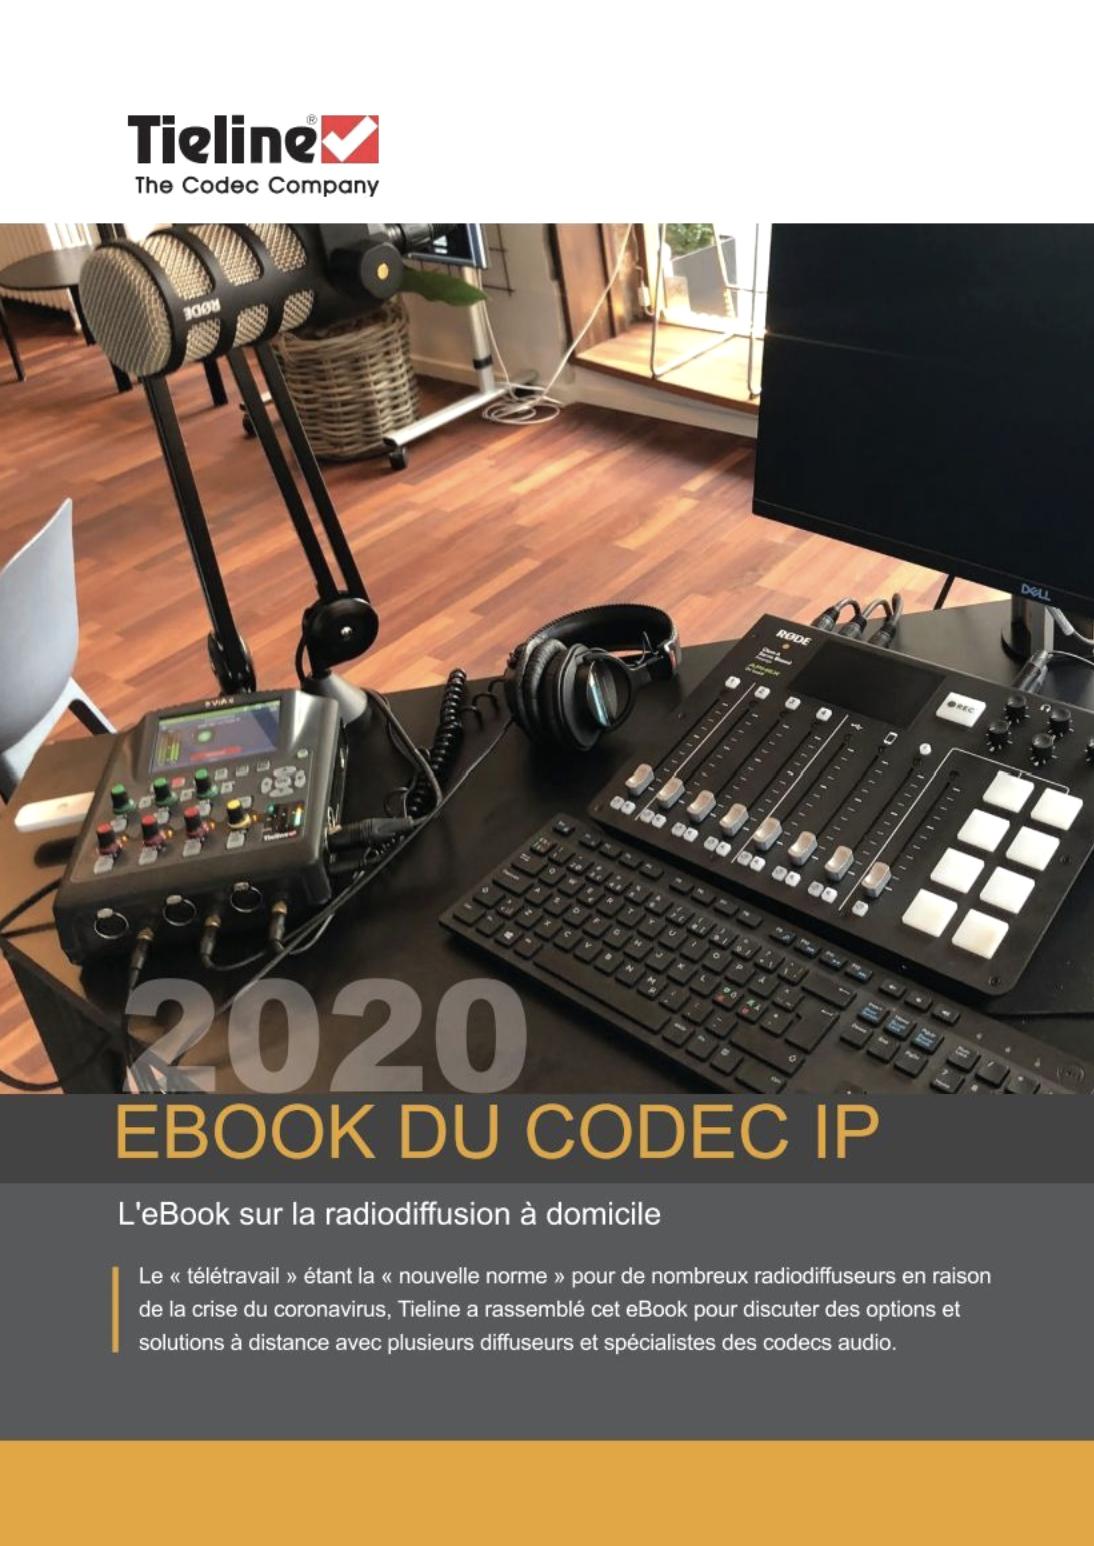 Tieline : un ebook pour tout savoir sur la radio à domicile